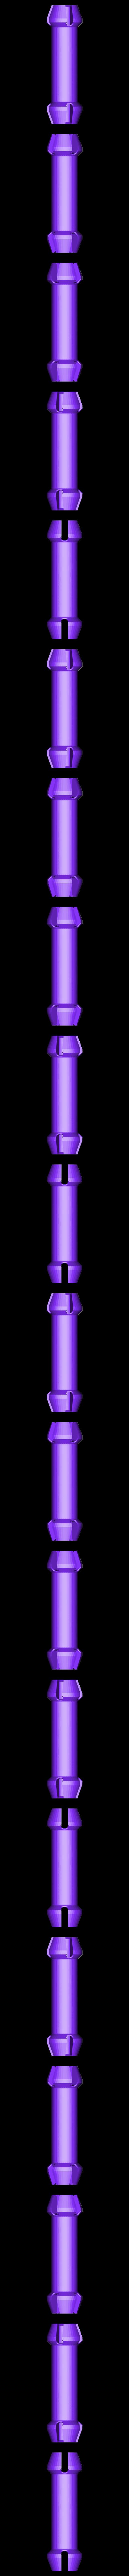 AXIS.stl Télécharger fichier STL gratuit Boîtes supplémentaires • Design imprimable en 3D, ernestwallon3D